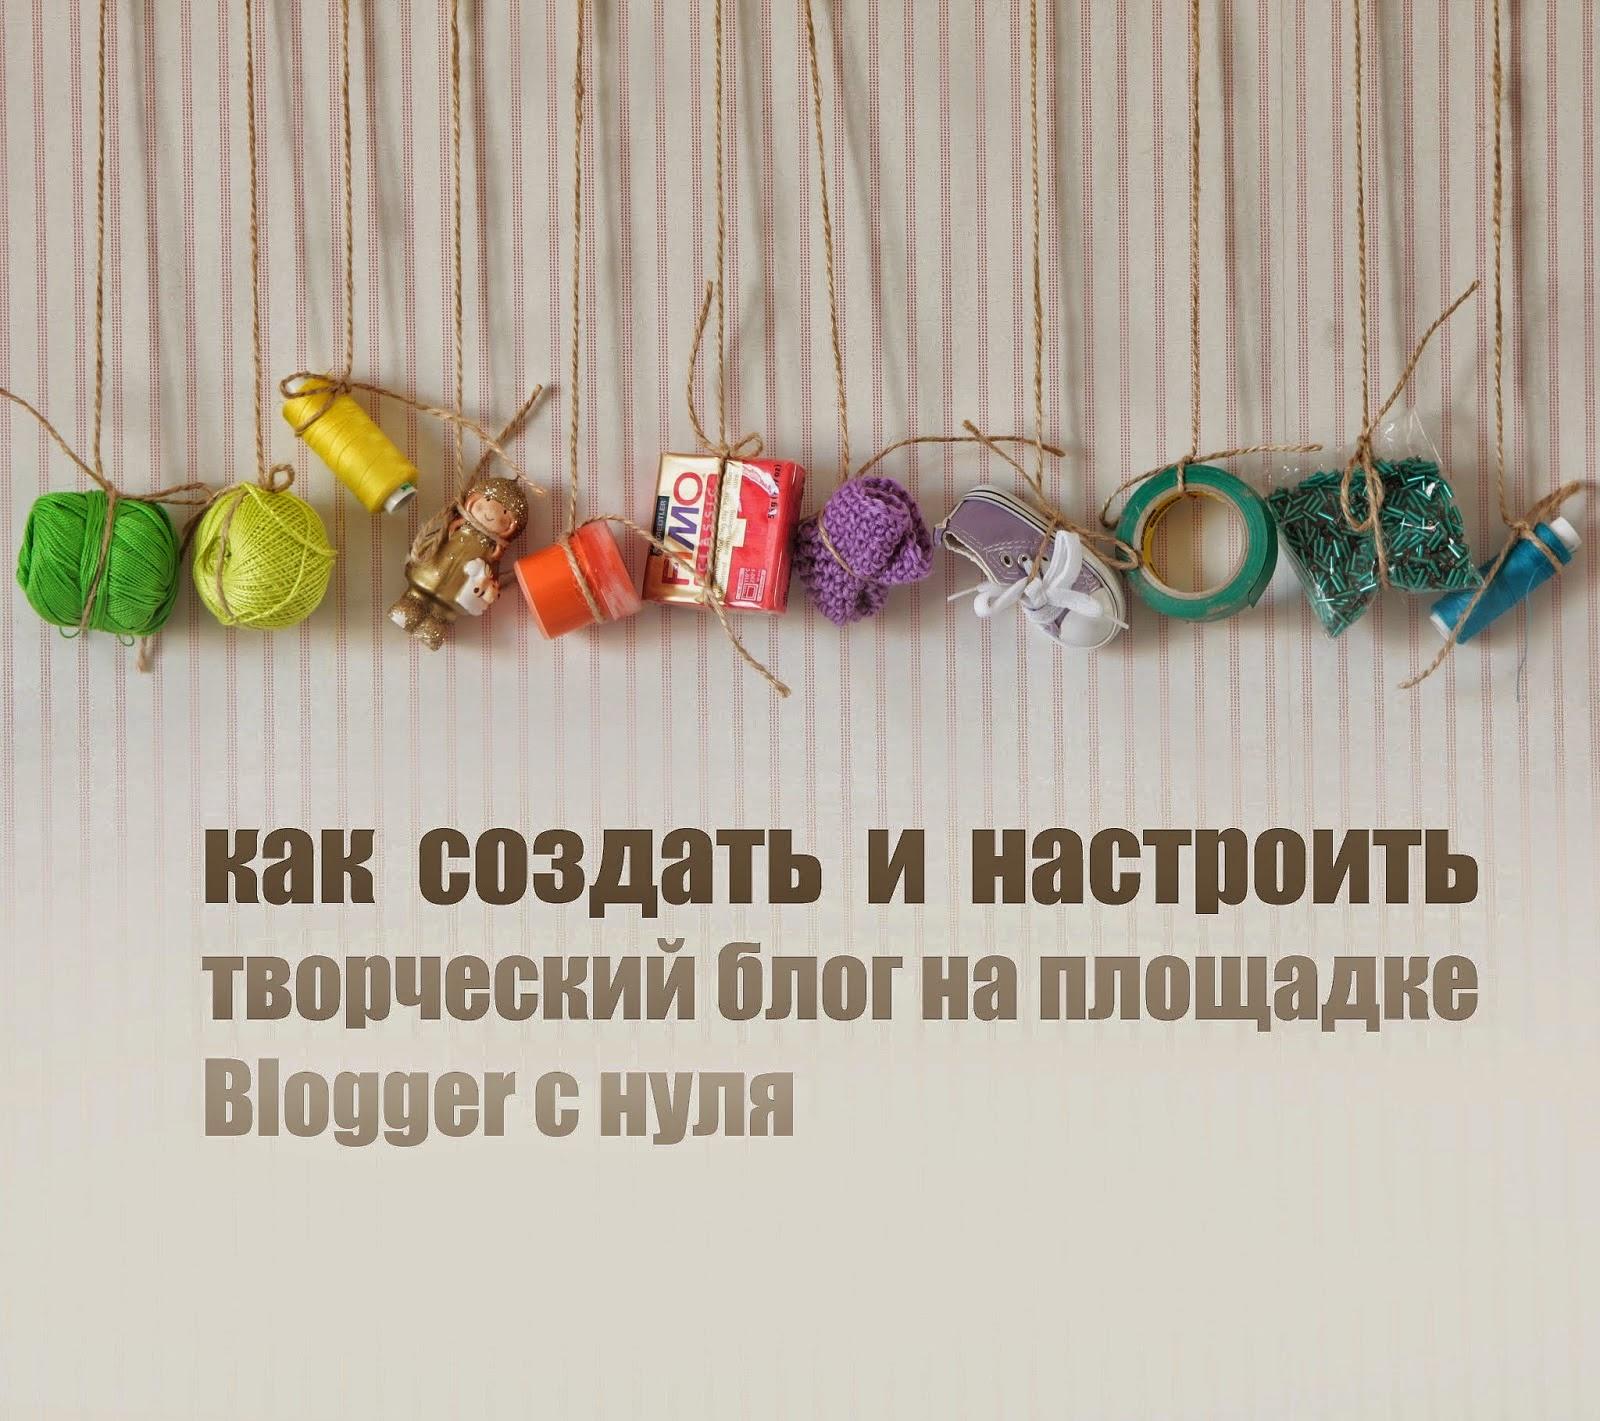 Блог Натальи Костиковой